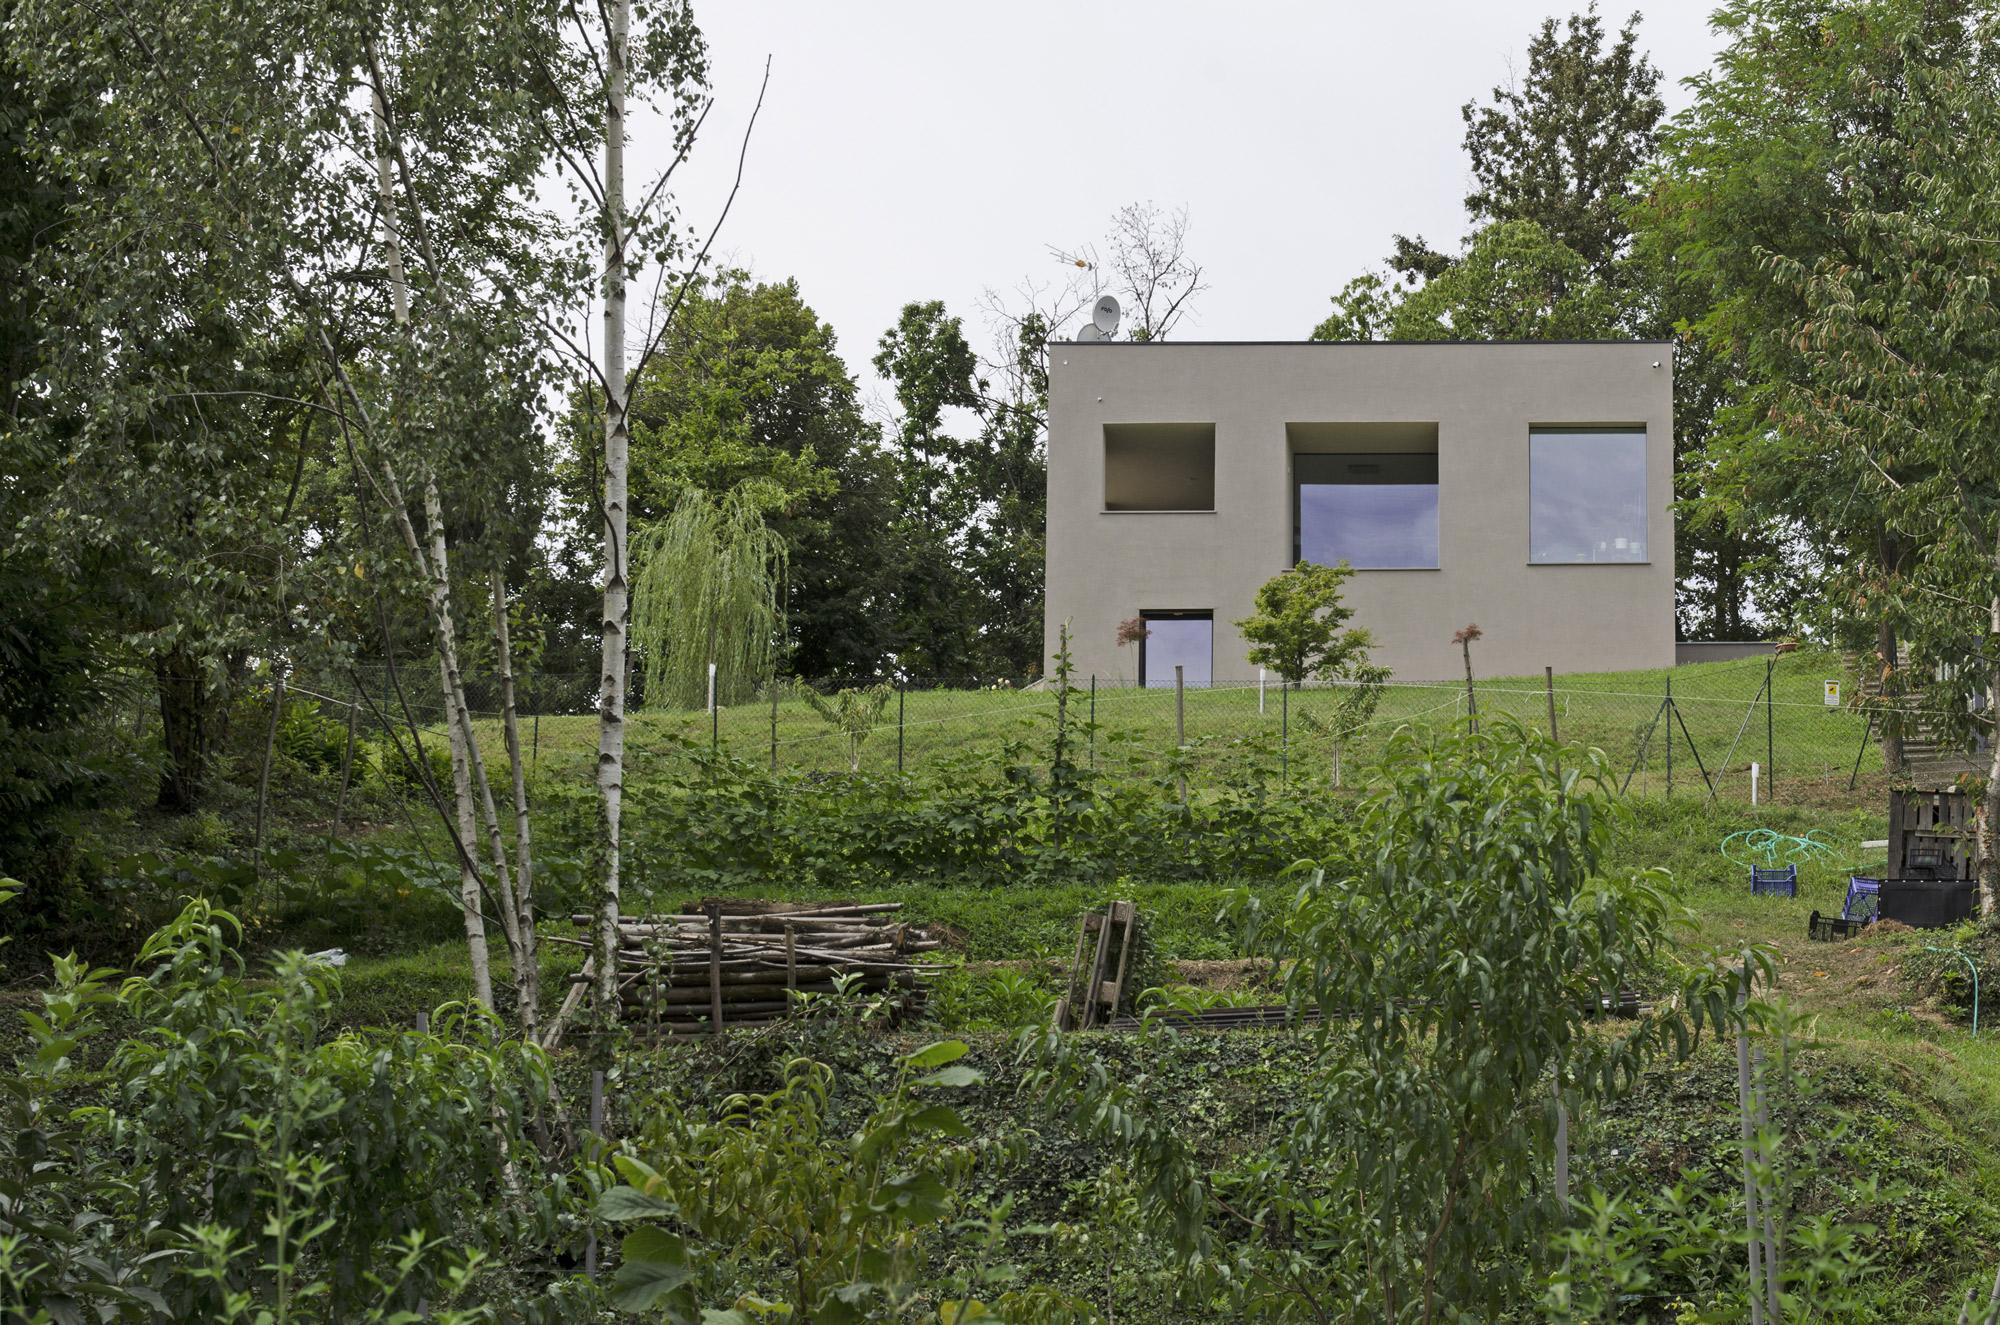 Villa a Reano (TO), Archisbang Associati © Alessio Gioana